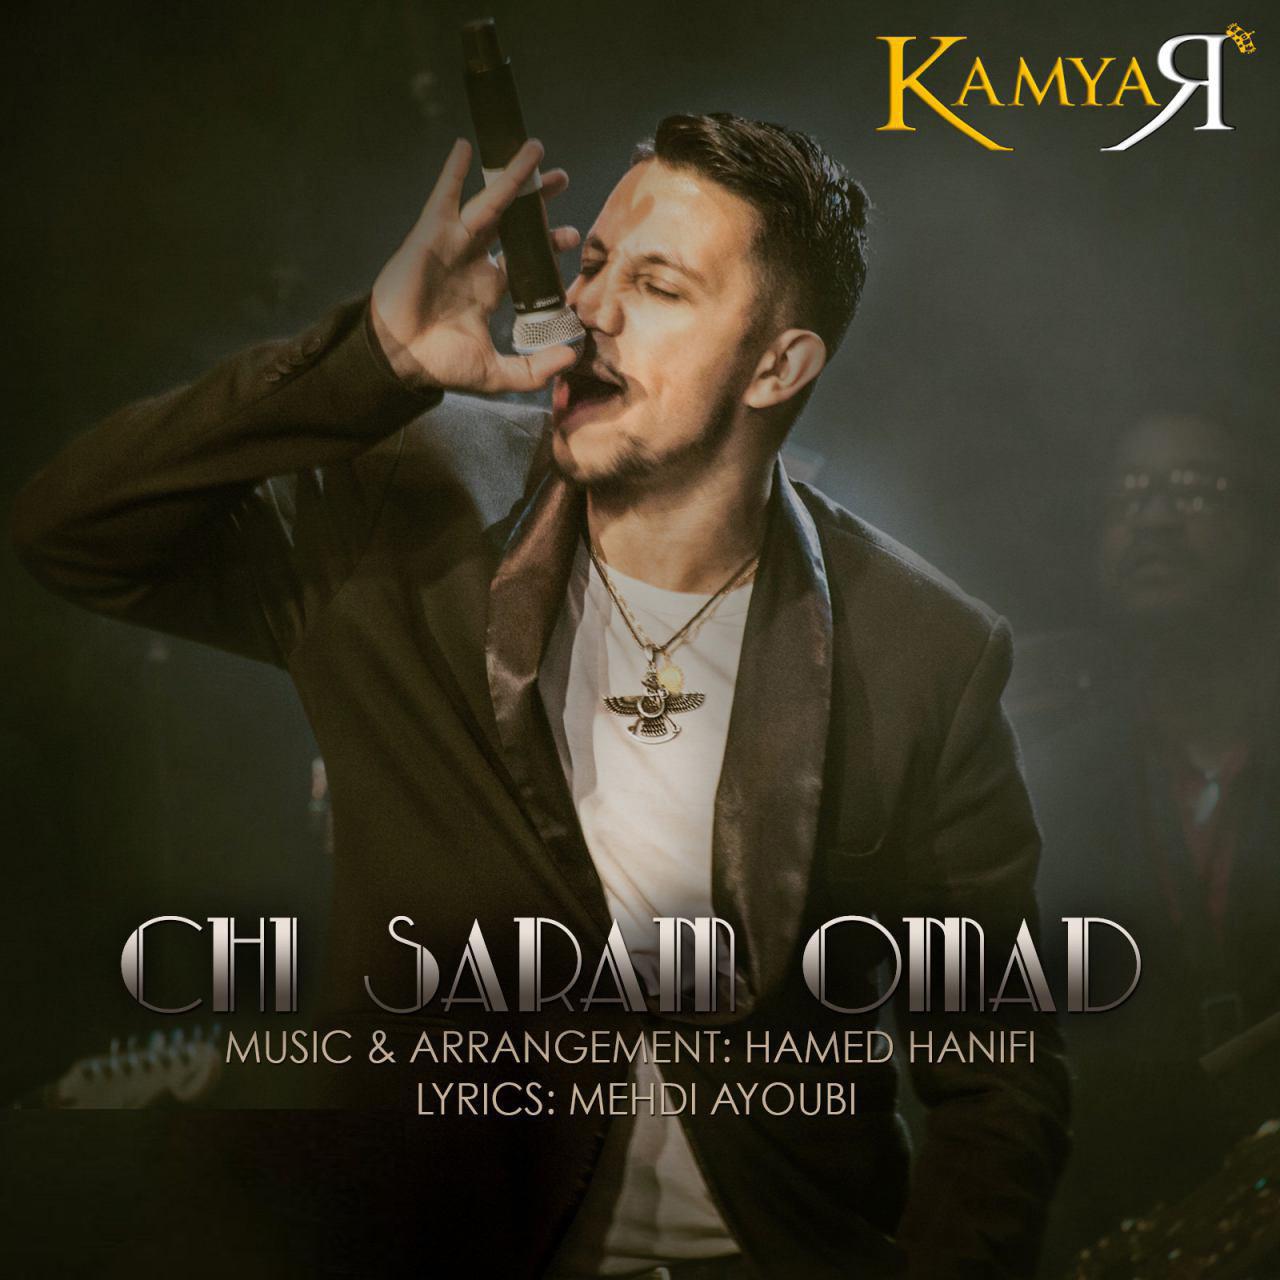 Kamyar – Chi Saram Omad